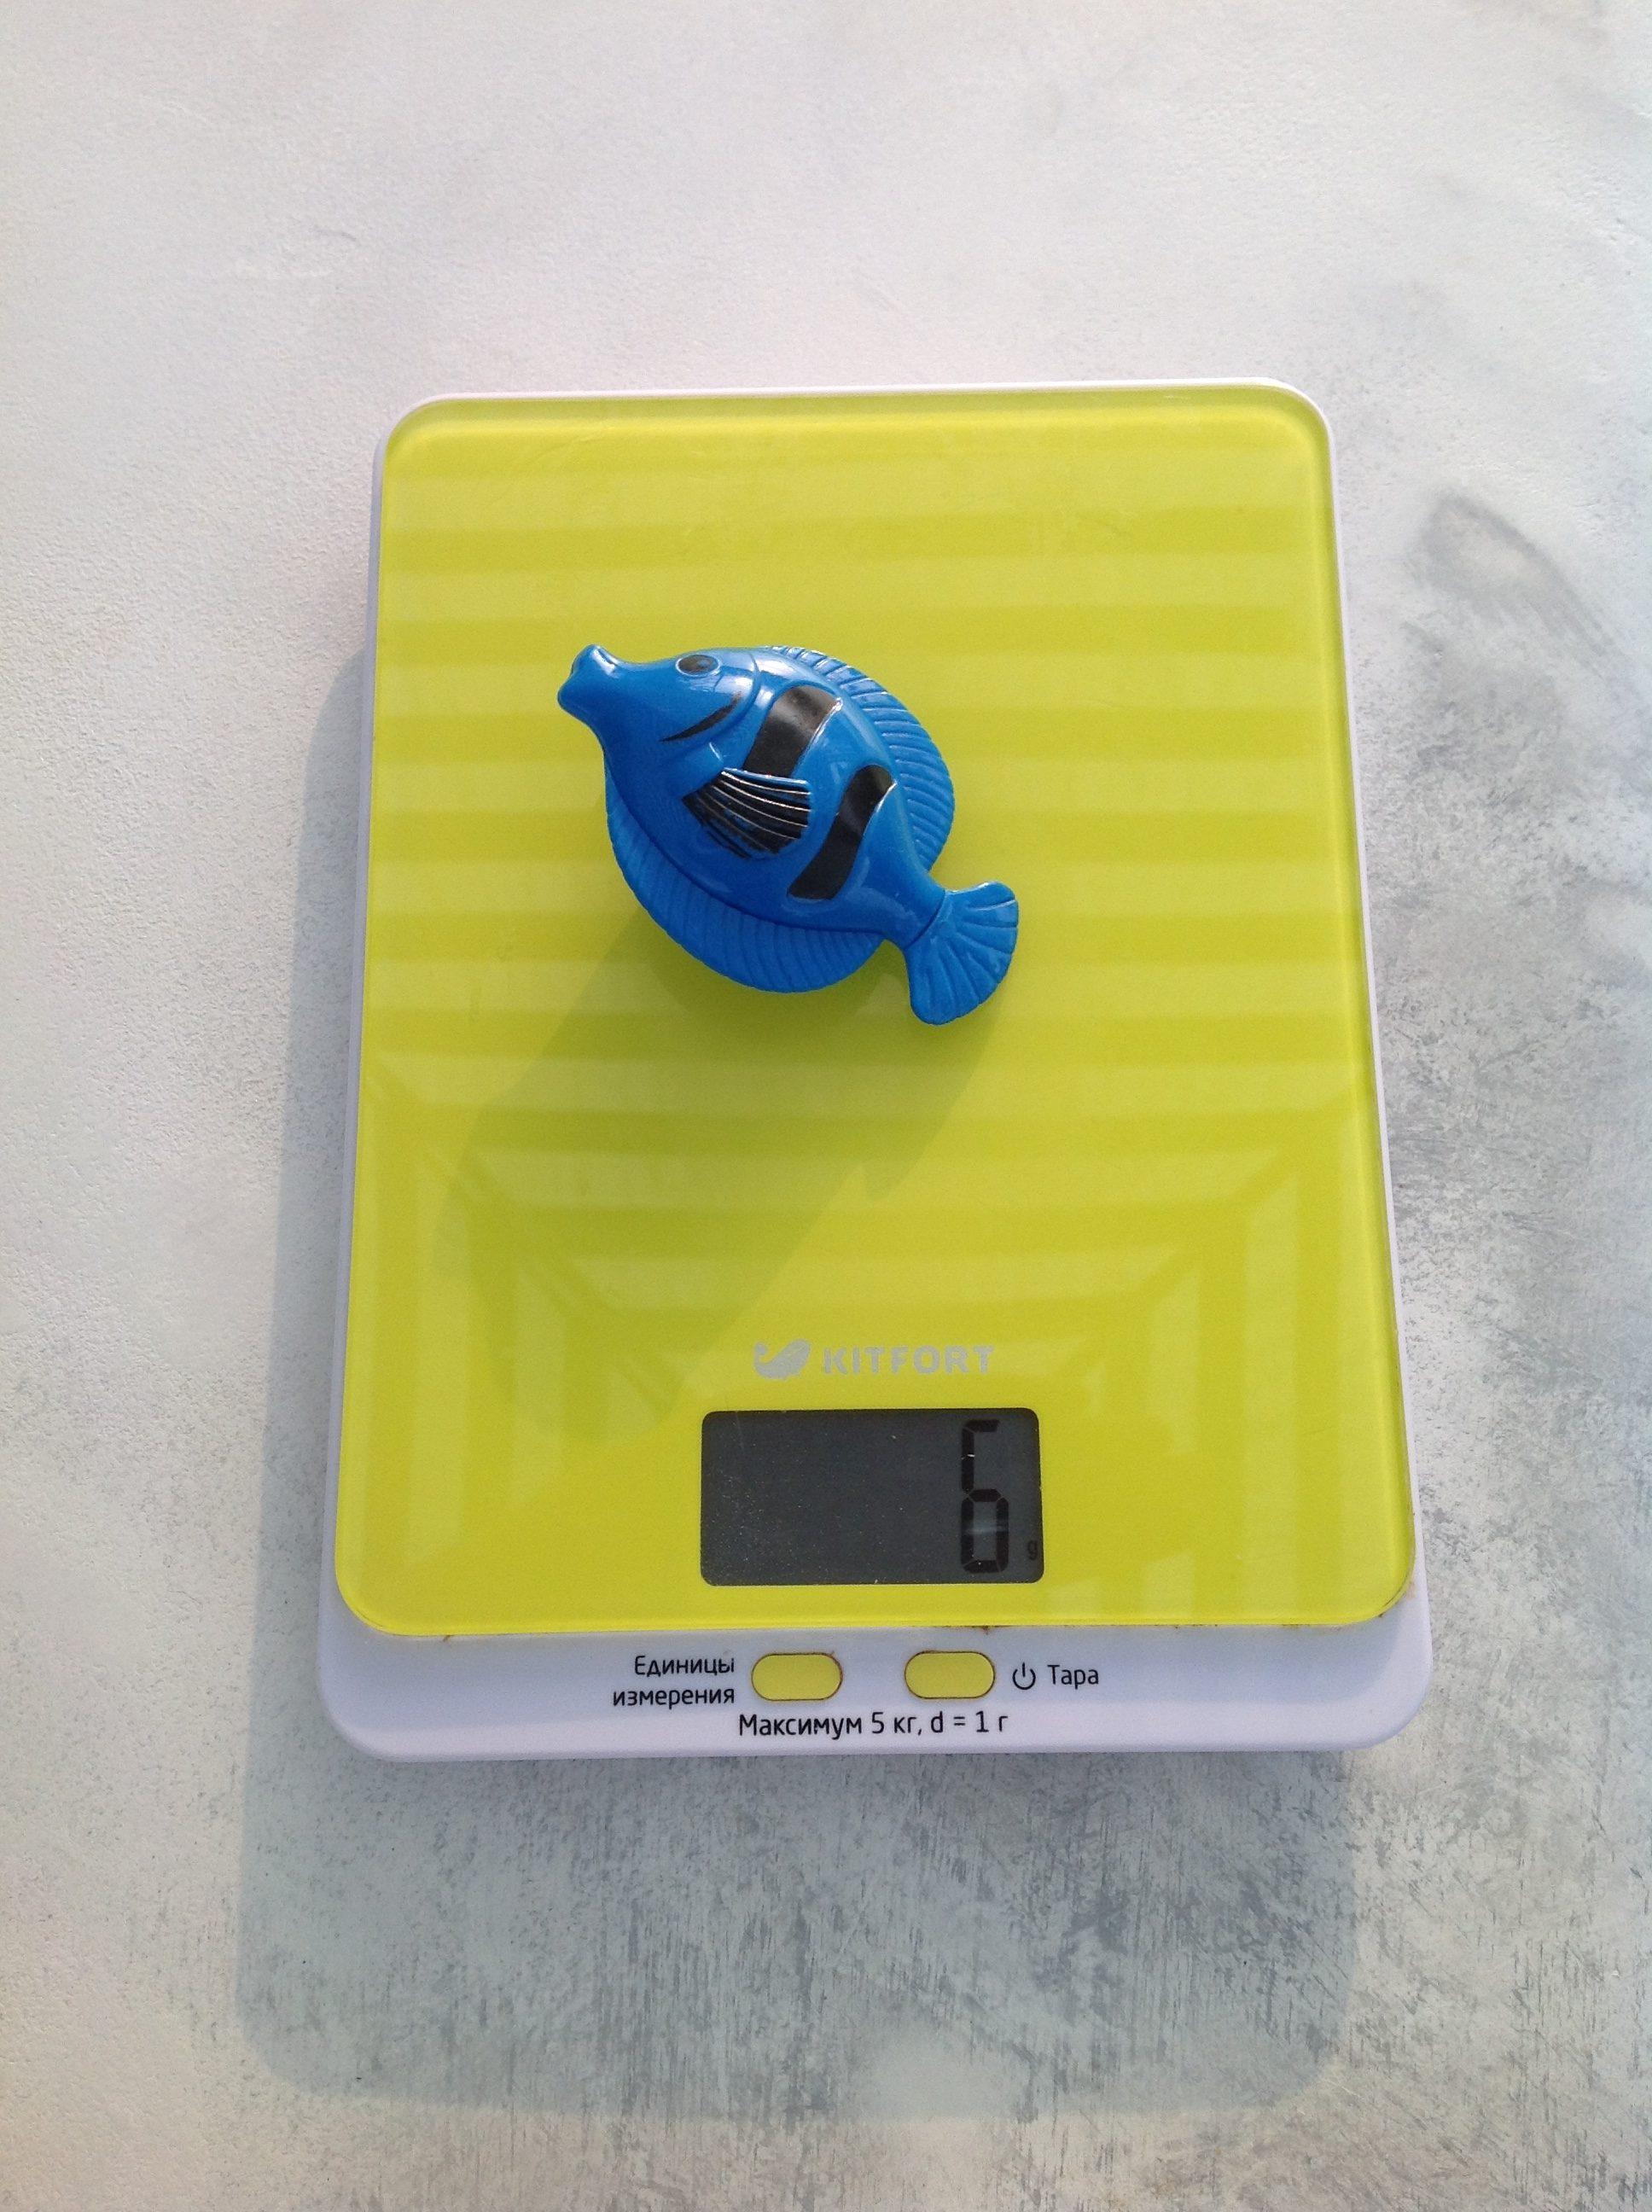 вес рыбки игрушечной малой